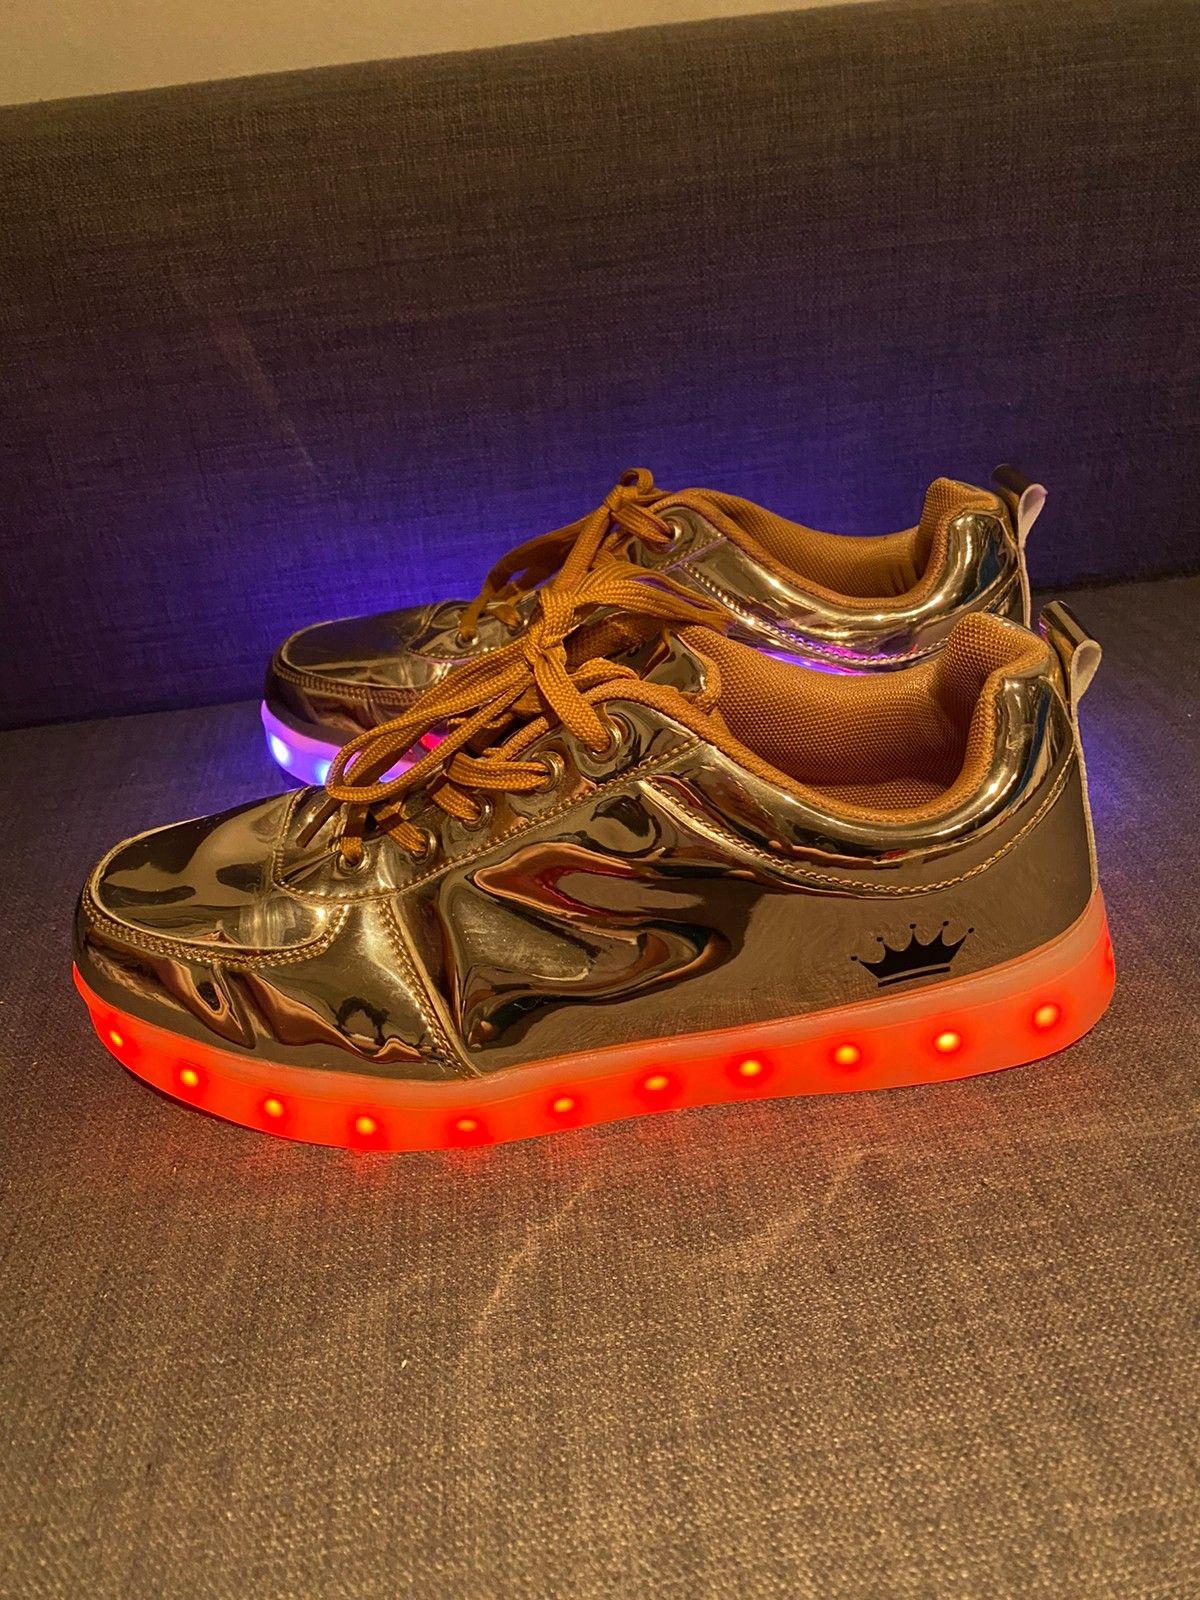 Blinke sko | FINN.no